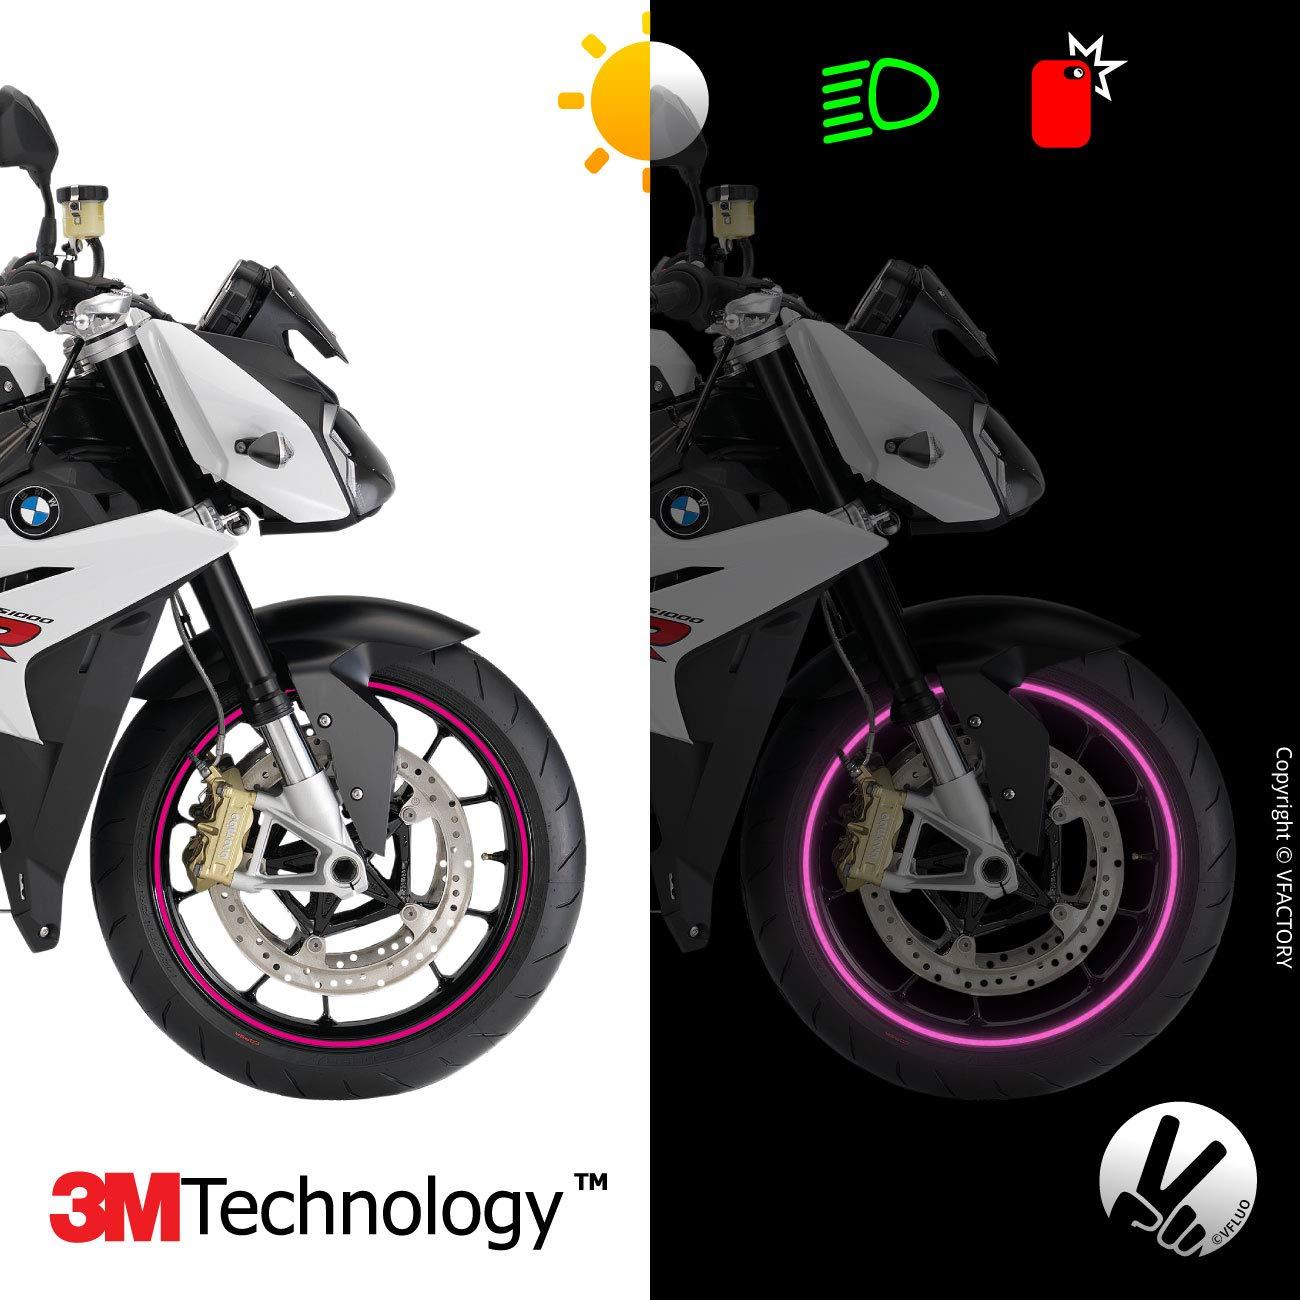 VFLUO Circular™, Kit Bandes Jantes Moto rétro réfléchissantes (1 Roue), 3M Technology™, Liseret Largeur Normale : 7 mm, Or